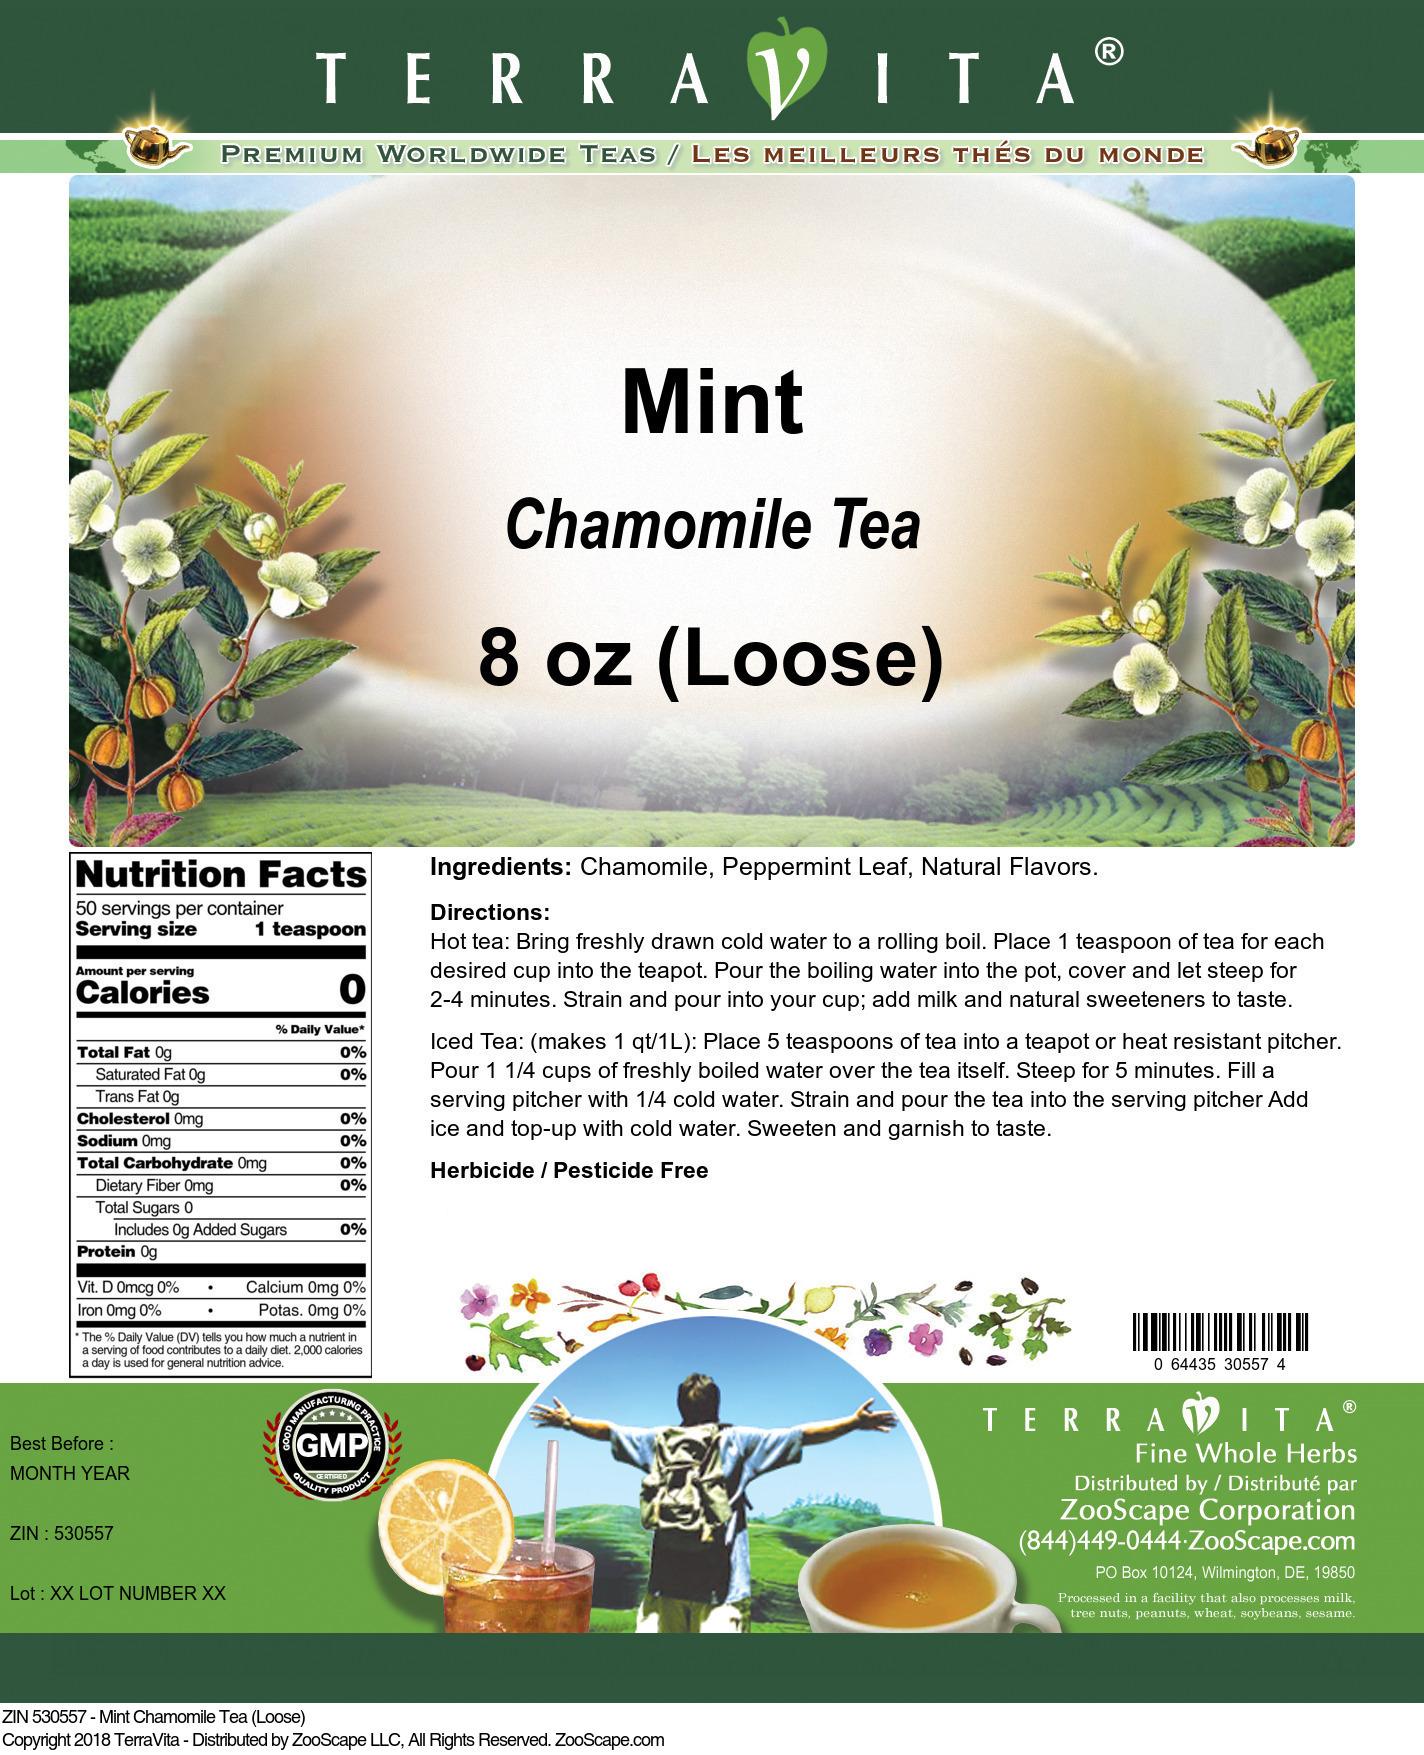 Mint Chamomile Tea (Loose)